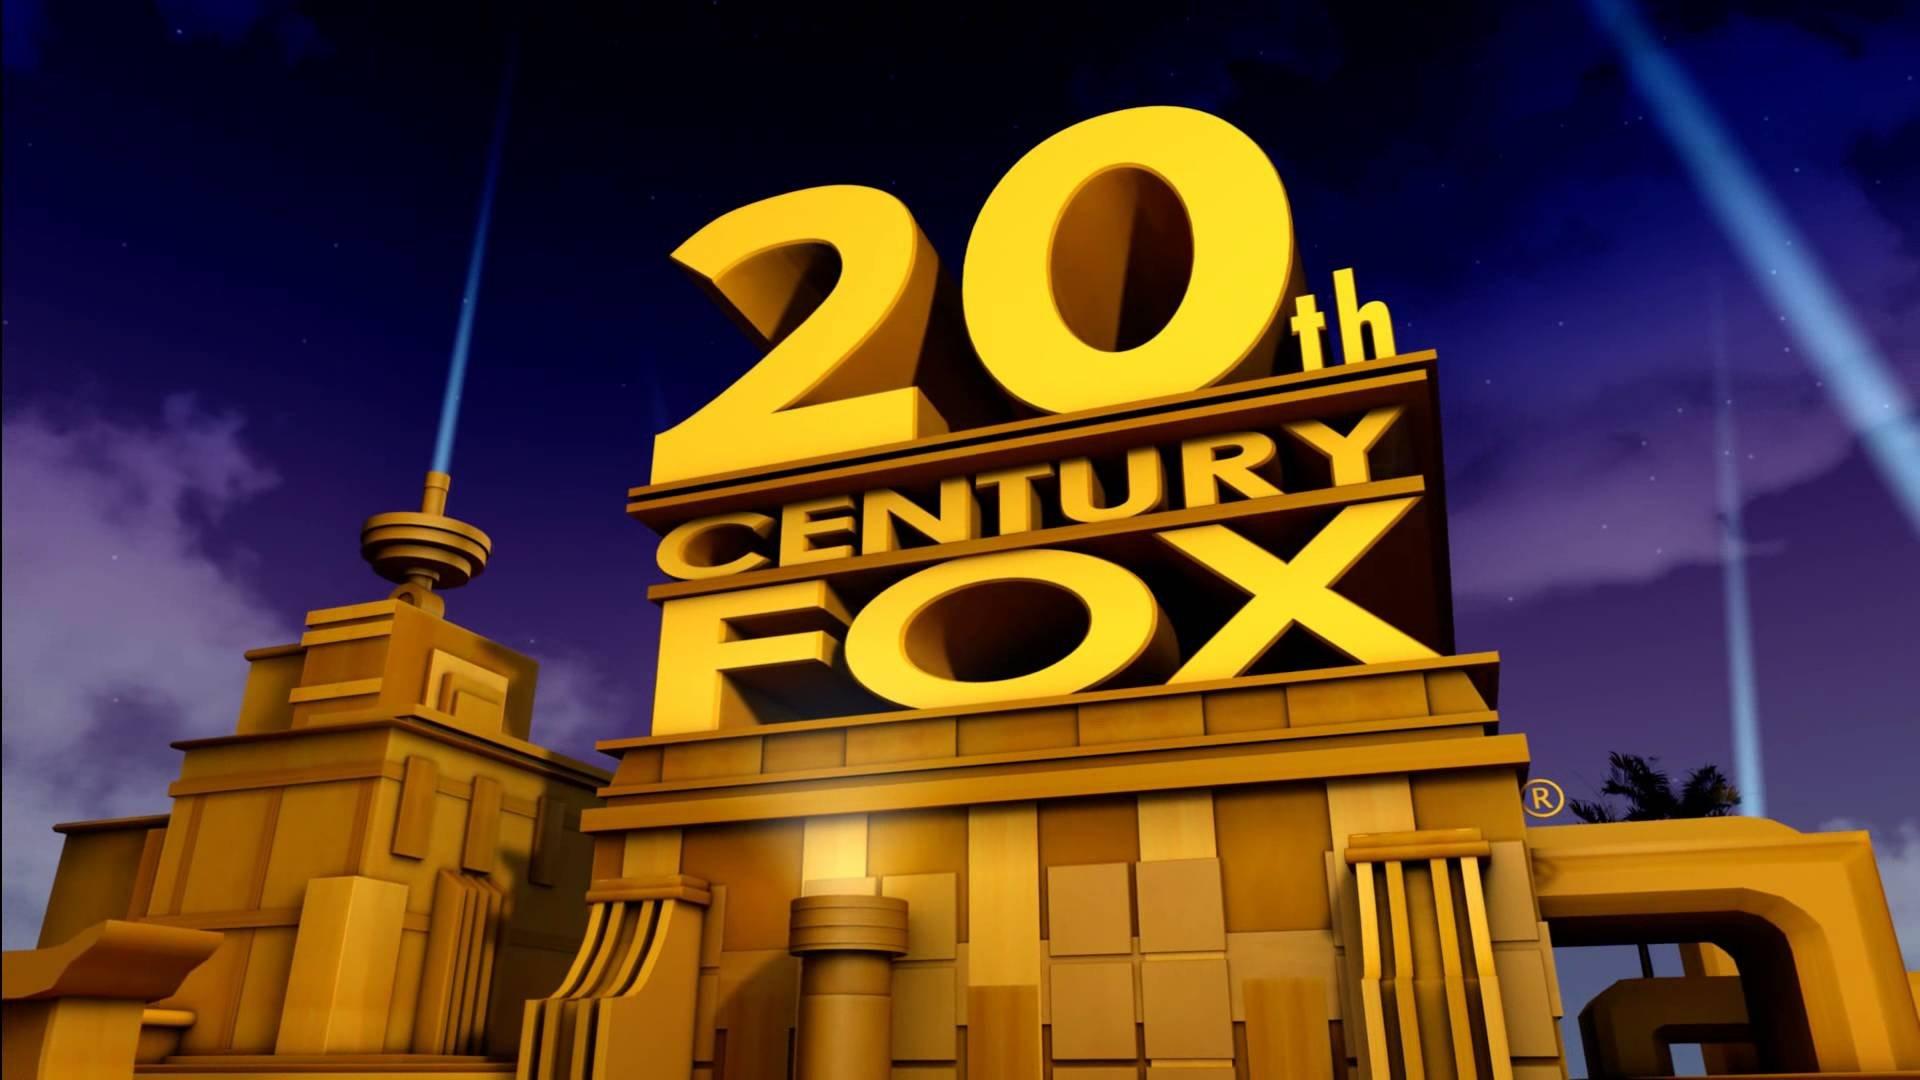 Студия 20th Centure Fox экранизирует роман Агаты Кристи «Смерть на Ниле»